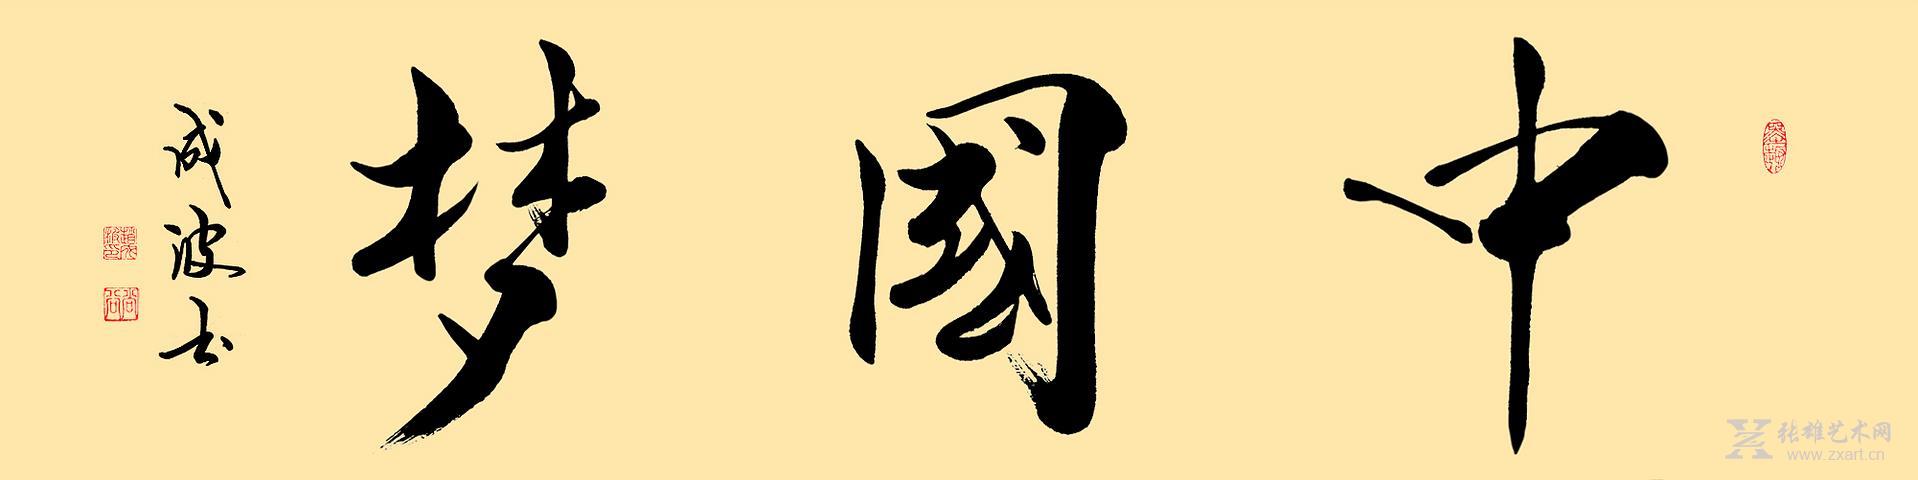 《中国梦》行楷 横幅